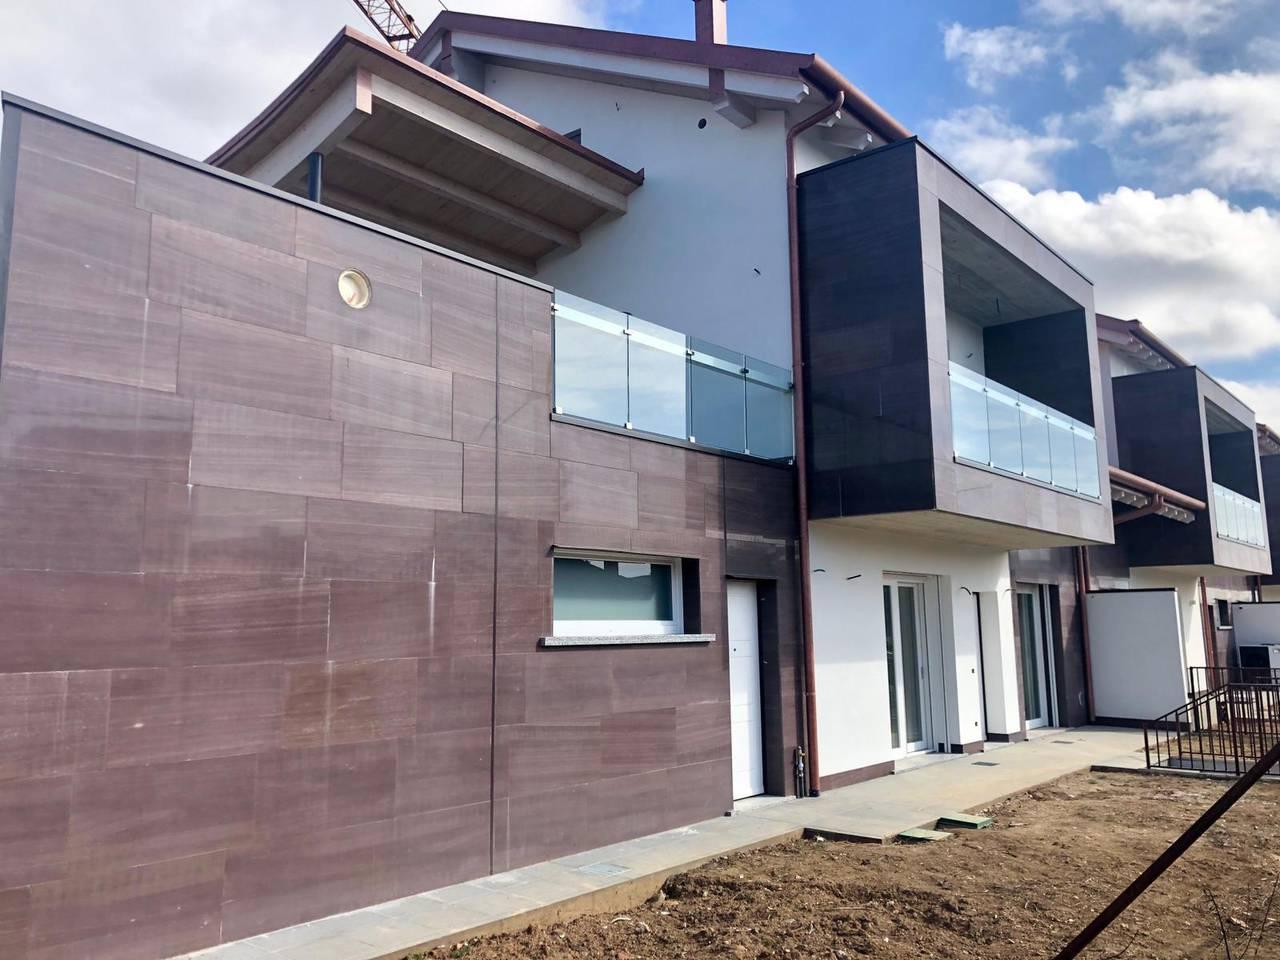 Fotovoltaico - Villa nuova costruzione in vendita a Bernareggio - Monza e Brianza - 3